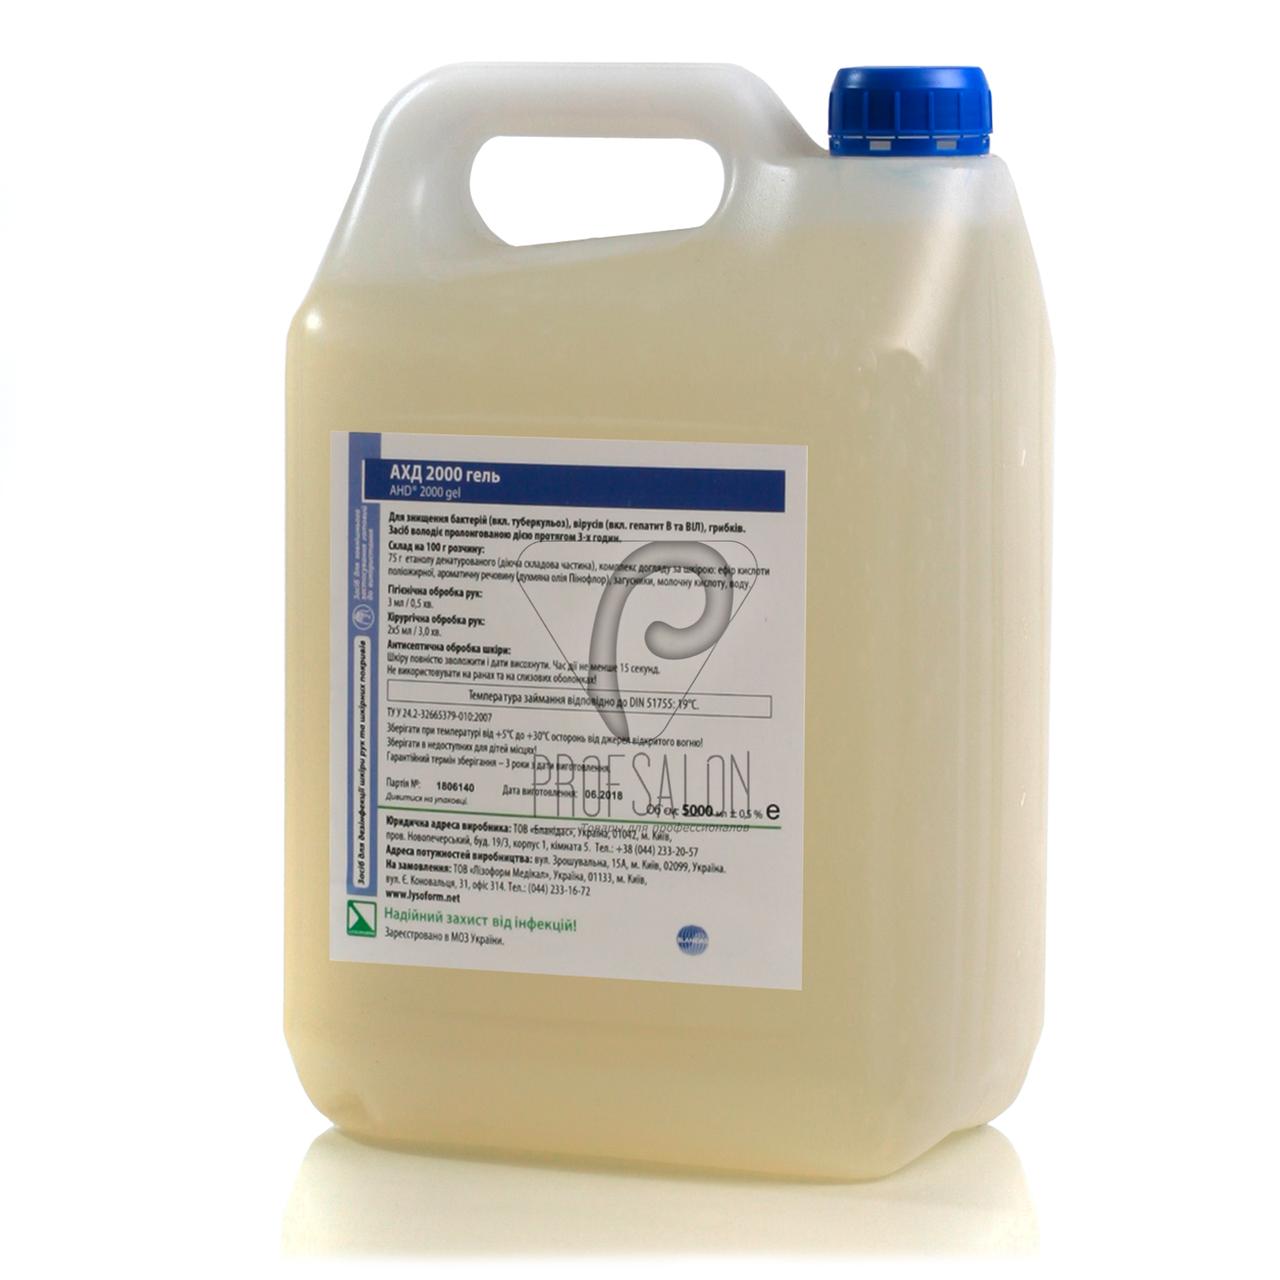 АХД-2000 гель, канистра 5л.с бережным действием для защиты кожи рук